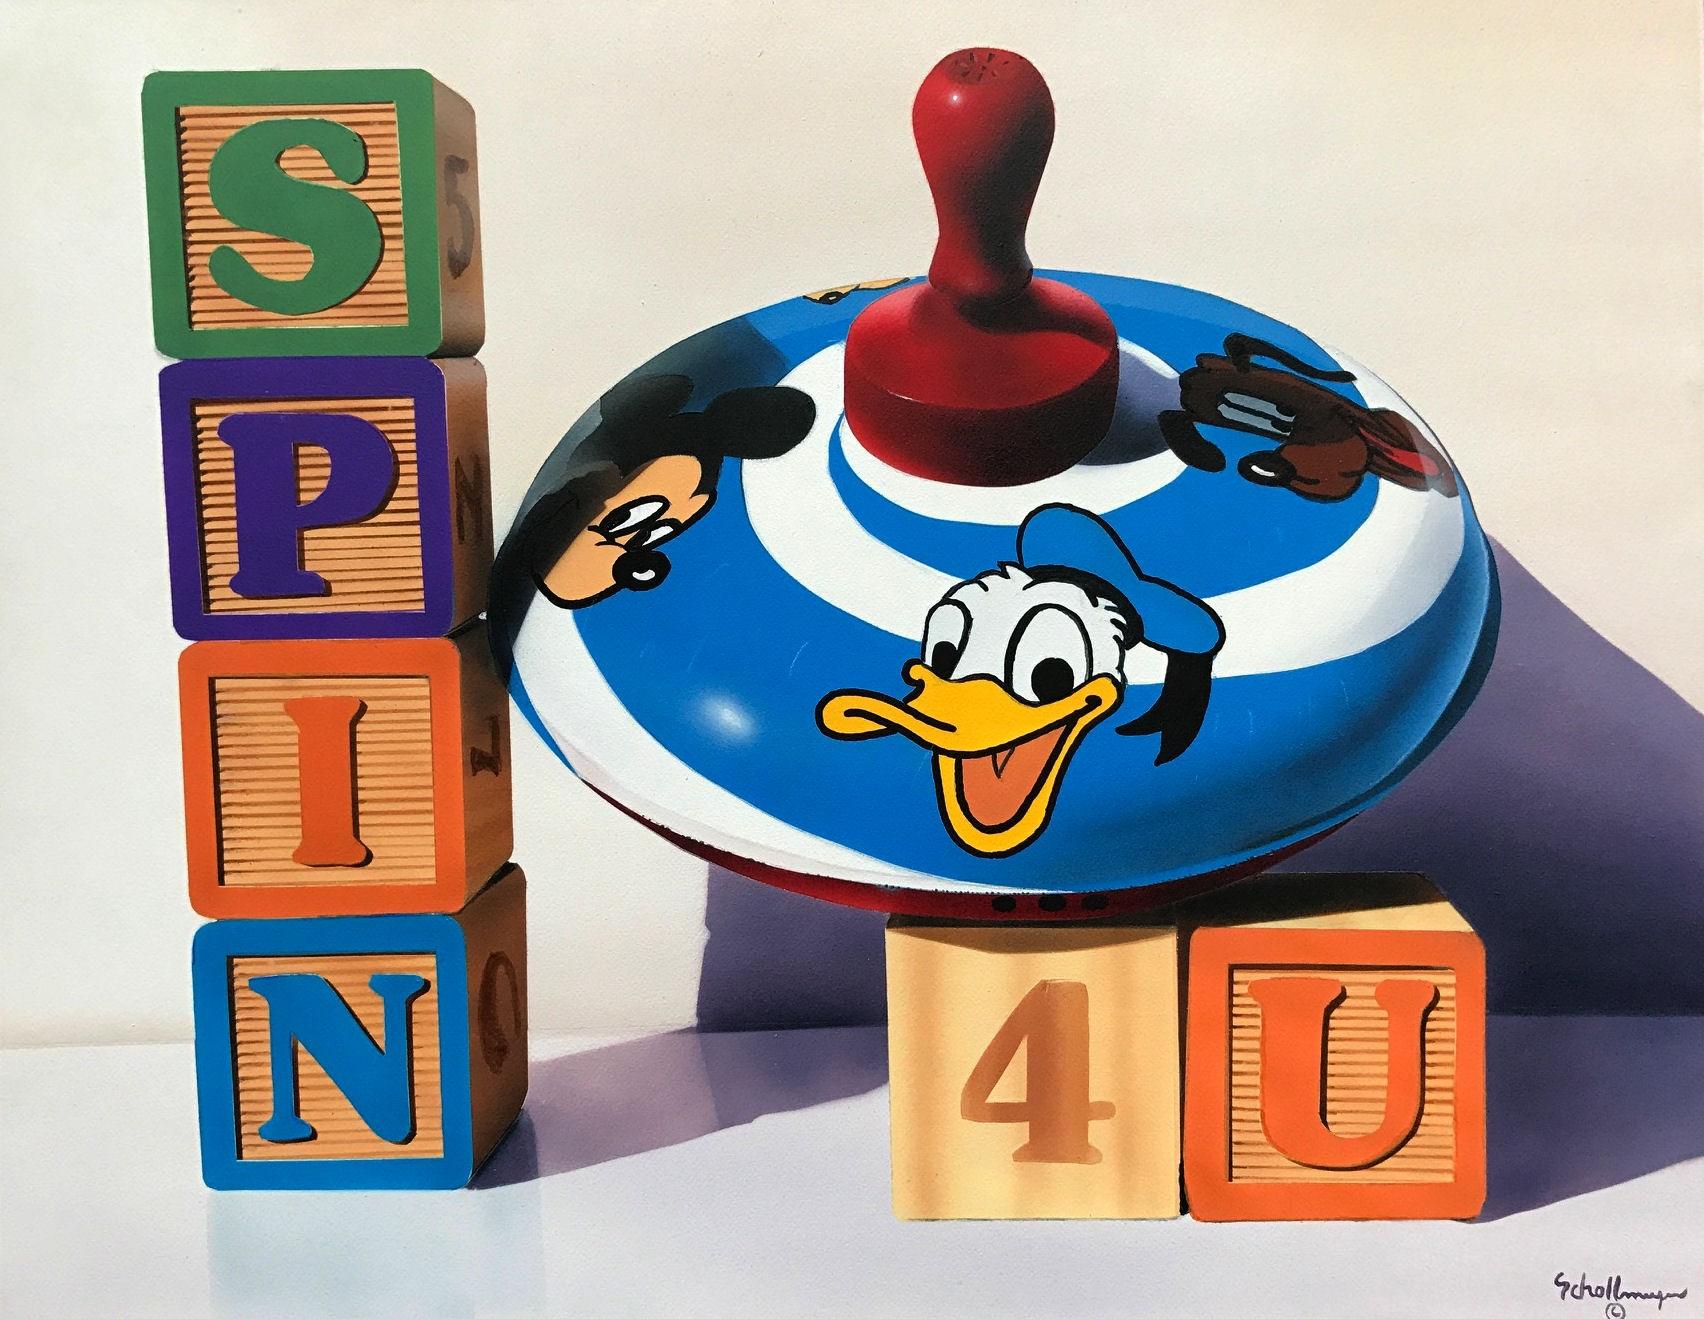 Spin 4 U